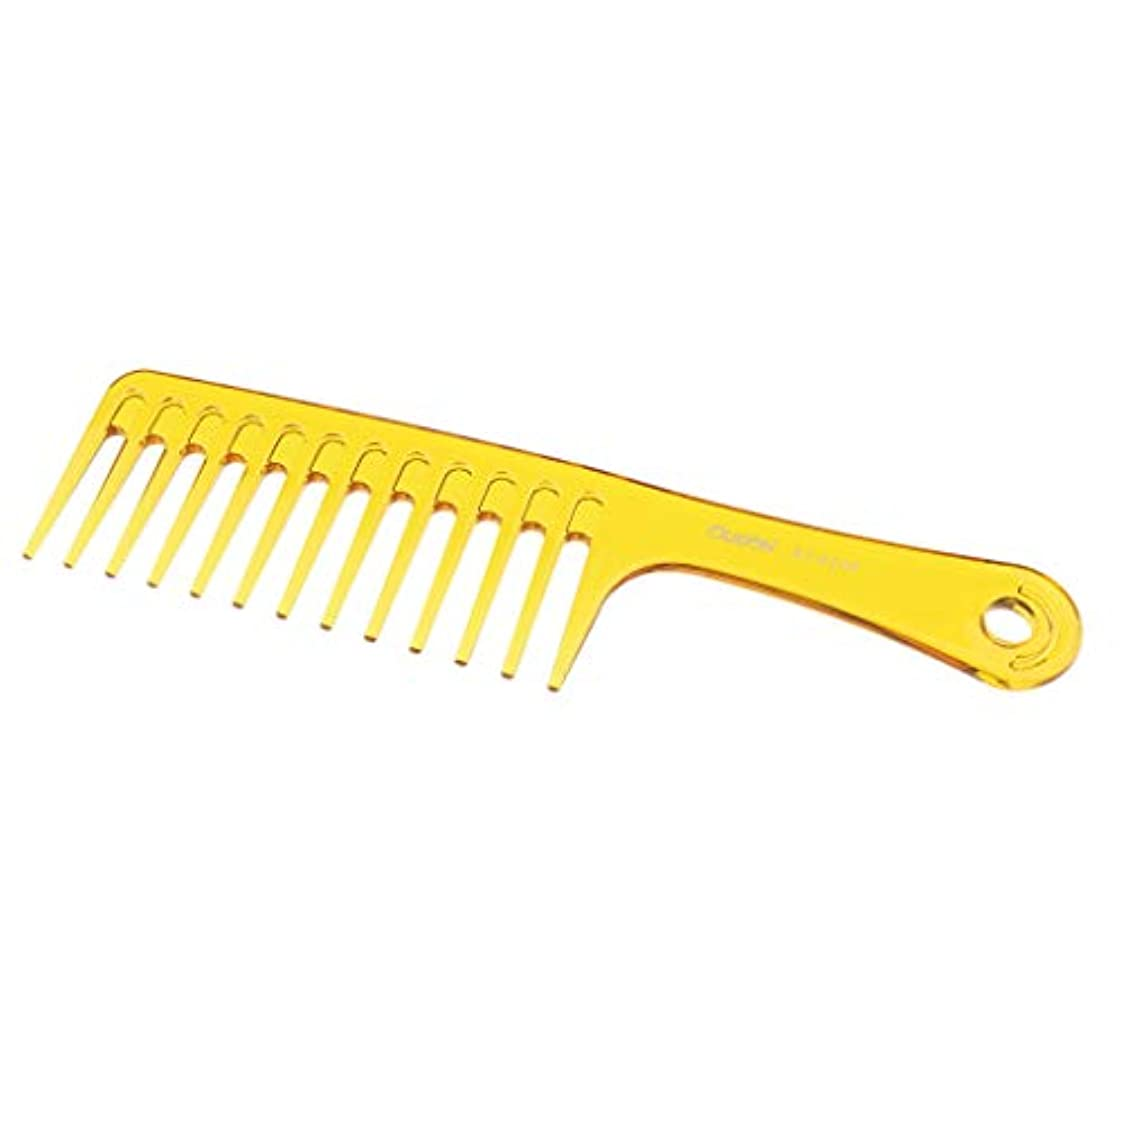 SM SunniMix 帯電防止櫛 ヘアブラシ 広い歯 櫛 サロン スタイリング ヘアブラシ 2色選べ - 黄